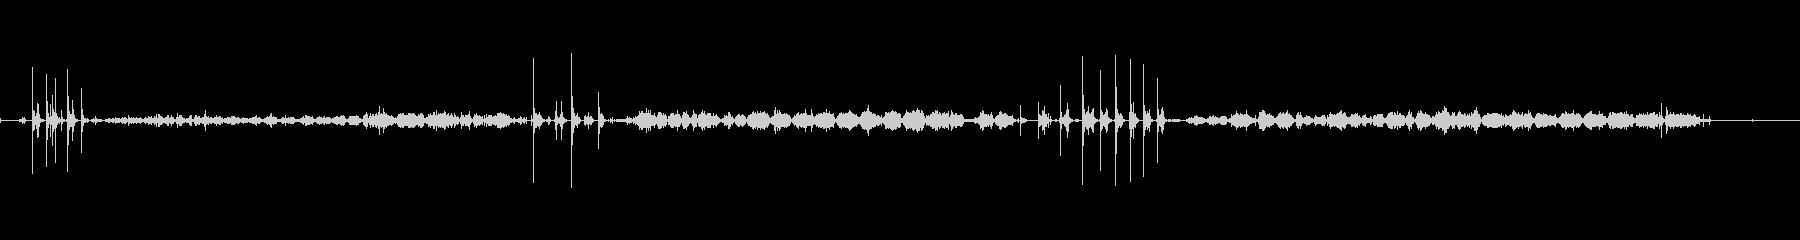 塗装-ローラー付き-内部-楽器の未再生の波形